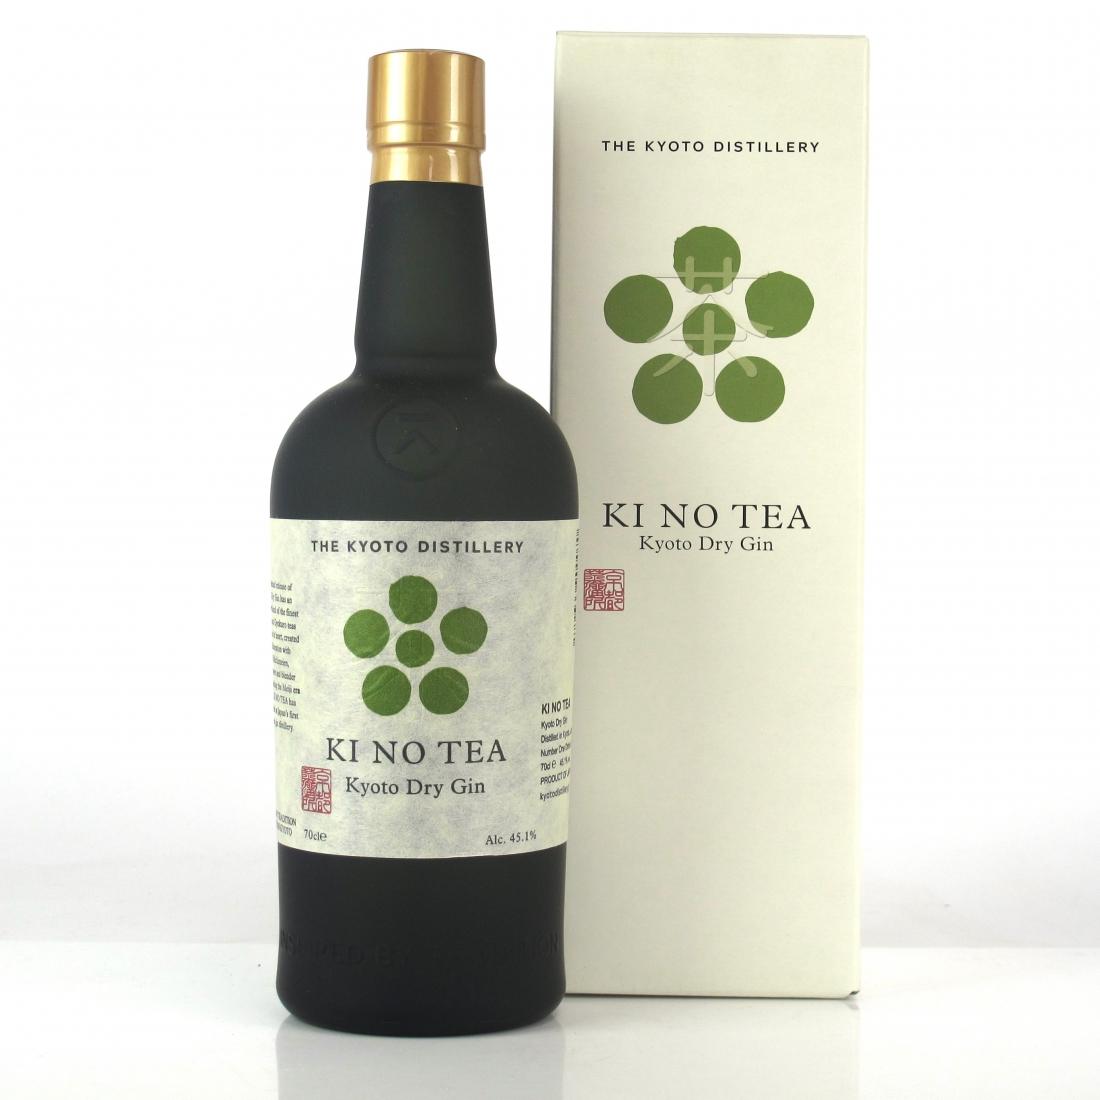 Kyoto Ki No Tea Dry Gin